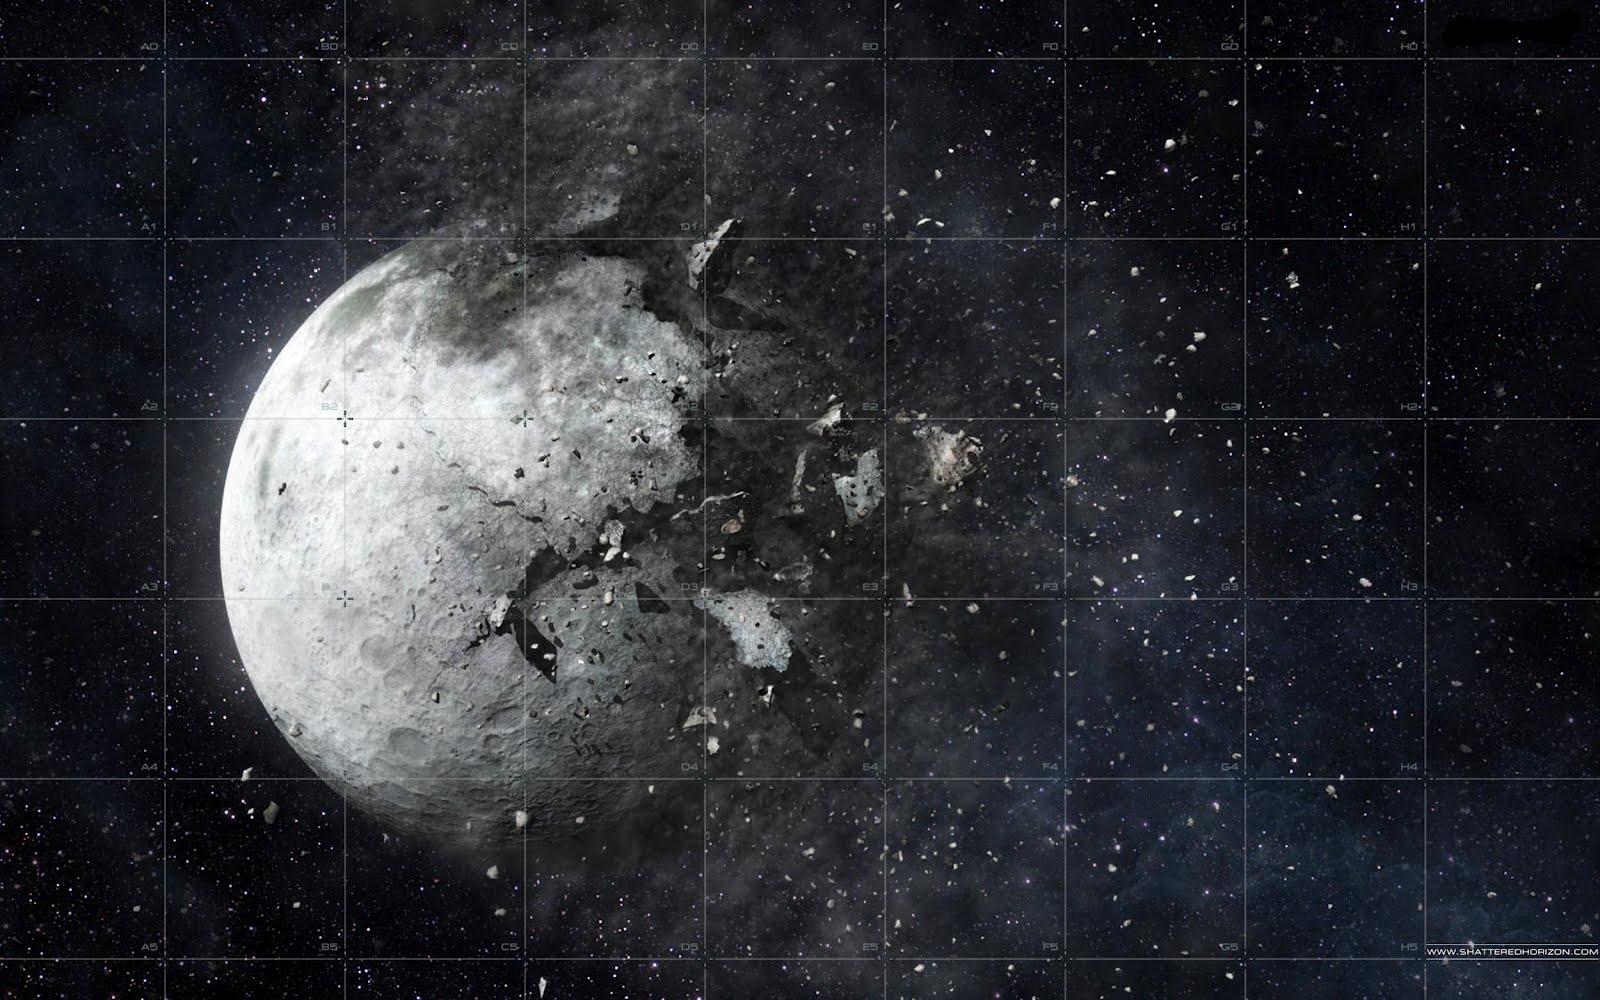 Τι θα συνέβαινε αν η Σελήνη εκρήγνυτο ξαφνικά; (vid) - Sportime.GR